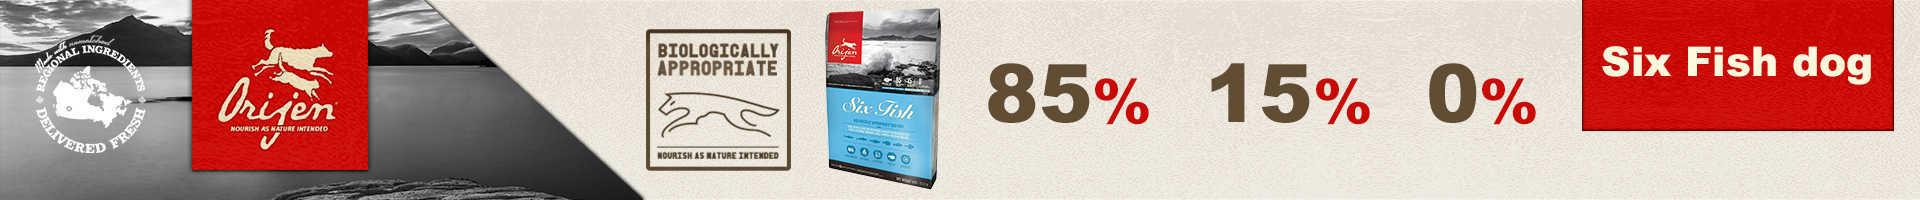 Orijen sixfish, pienso con 6 tipos de pescados, para perros con alergias